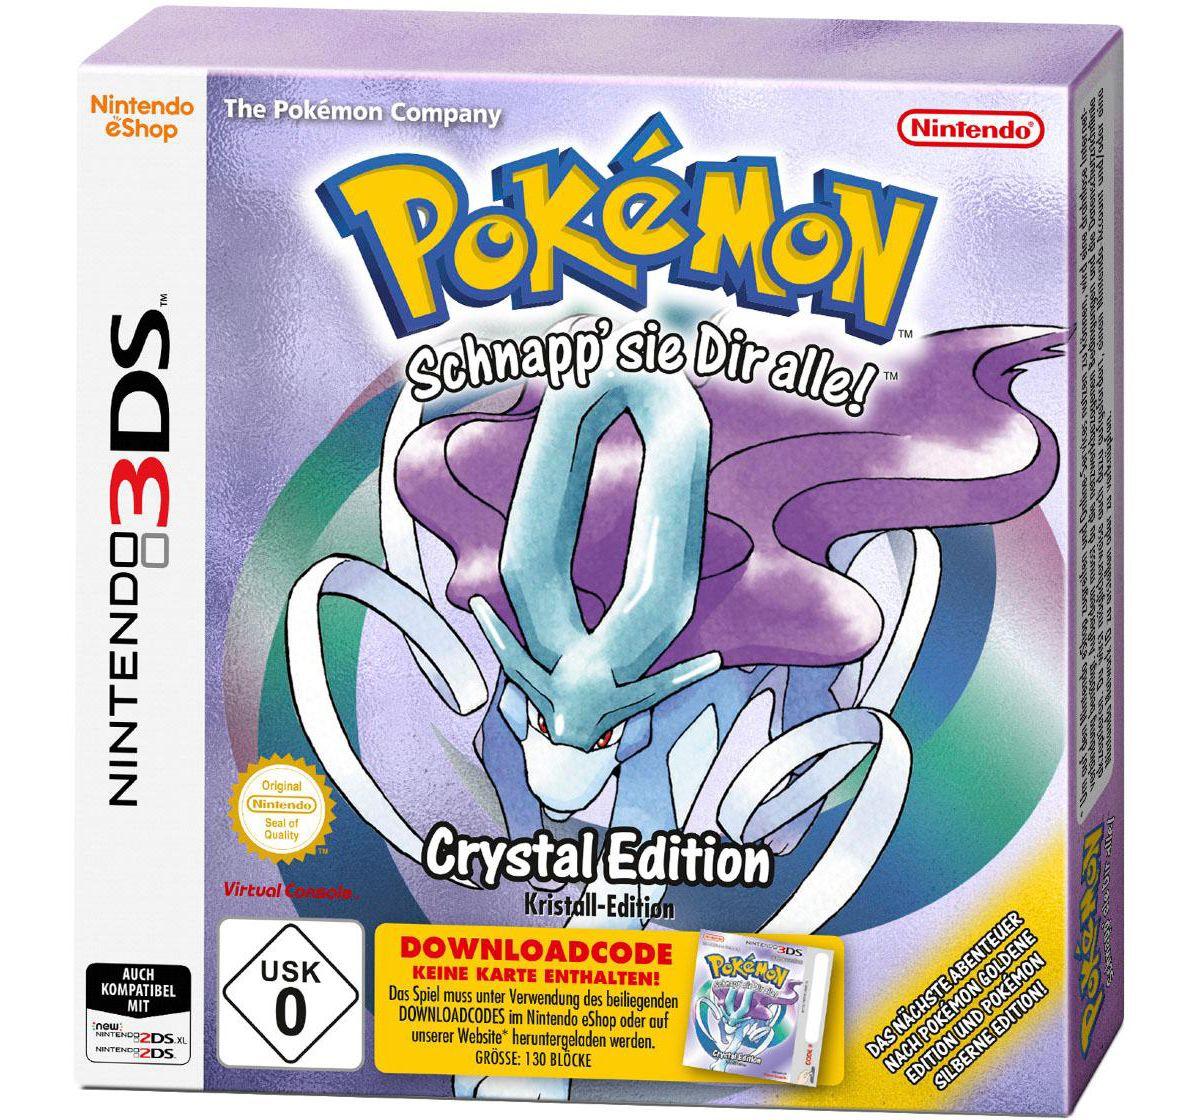 Pokémon Kristall-Edition (DLC) Nintendo 2DS (Do...